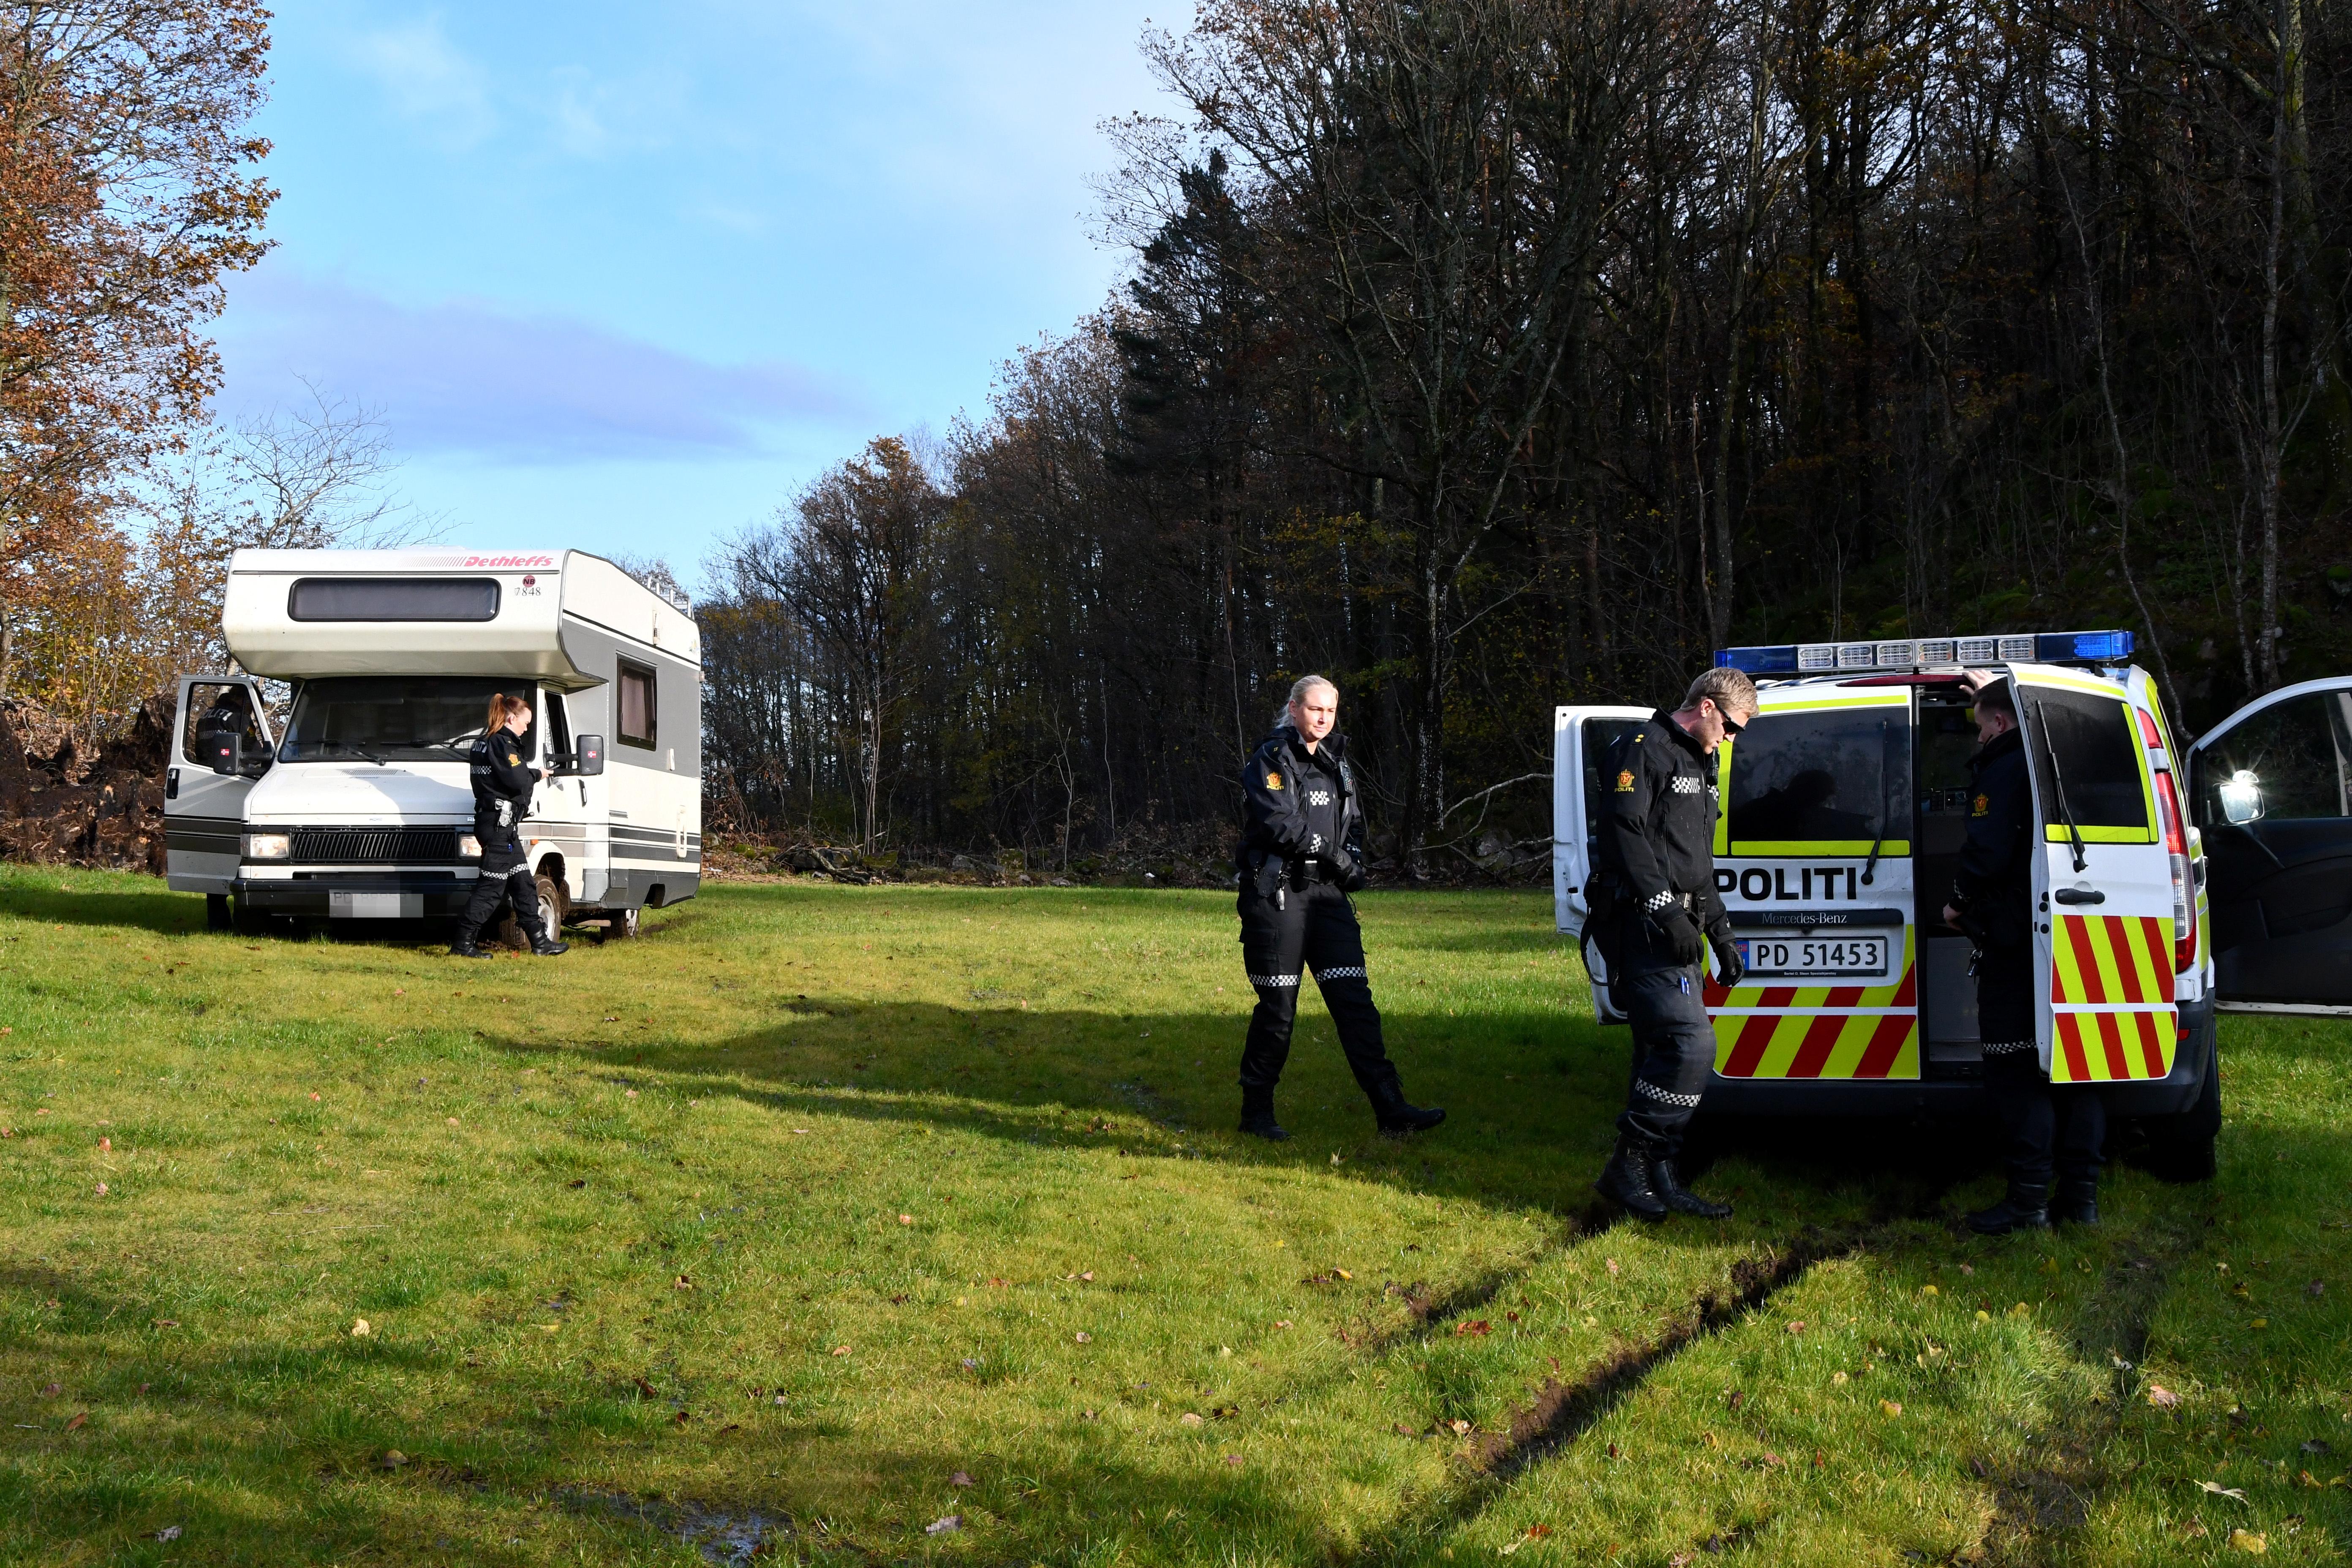 TATT: Her har politiet pågrepet føreren av bobilen, som ble jaktet på i nesten 20 minutter. FOTO: BAARD LARSEN/FROLENDINGEN